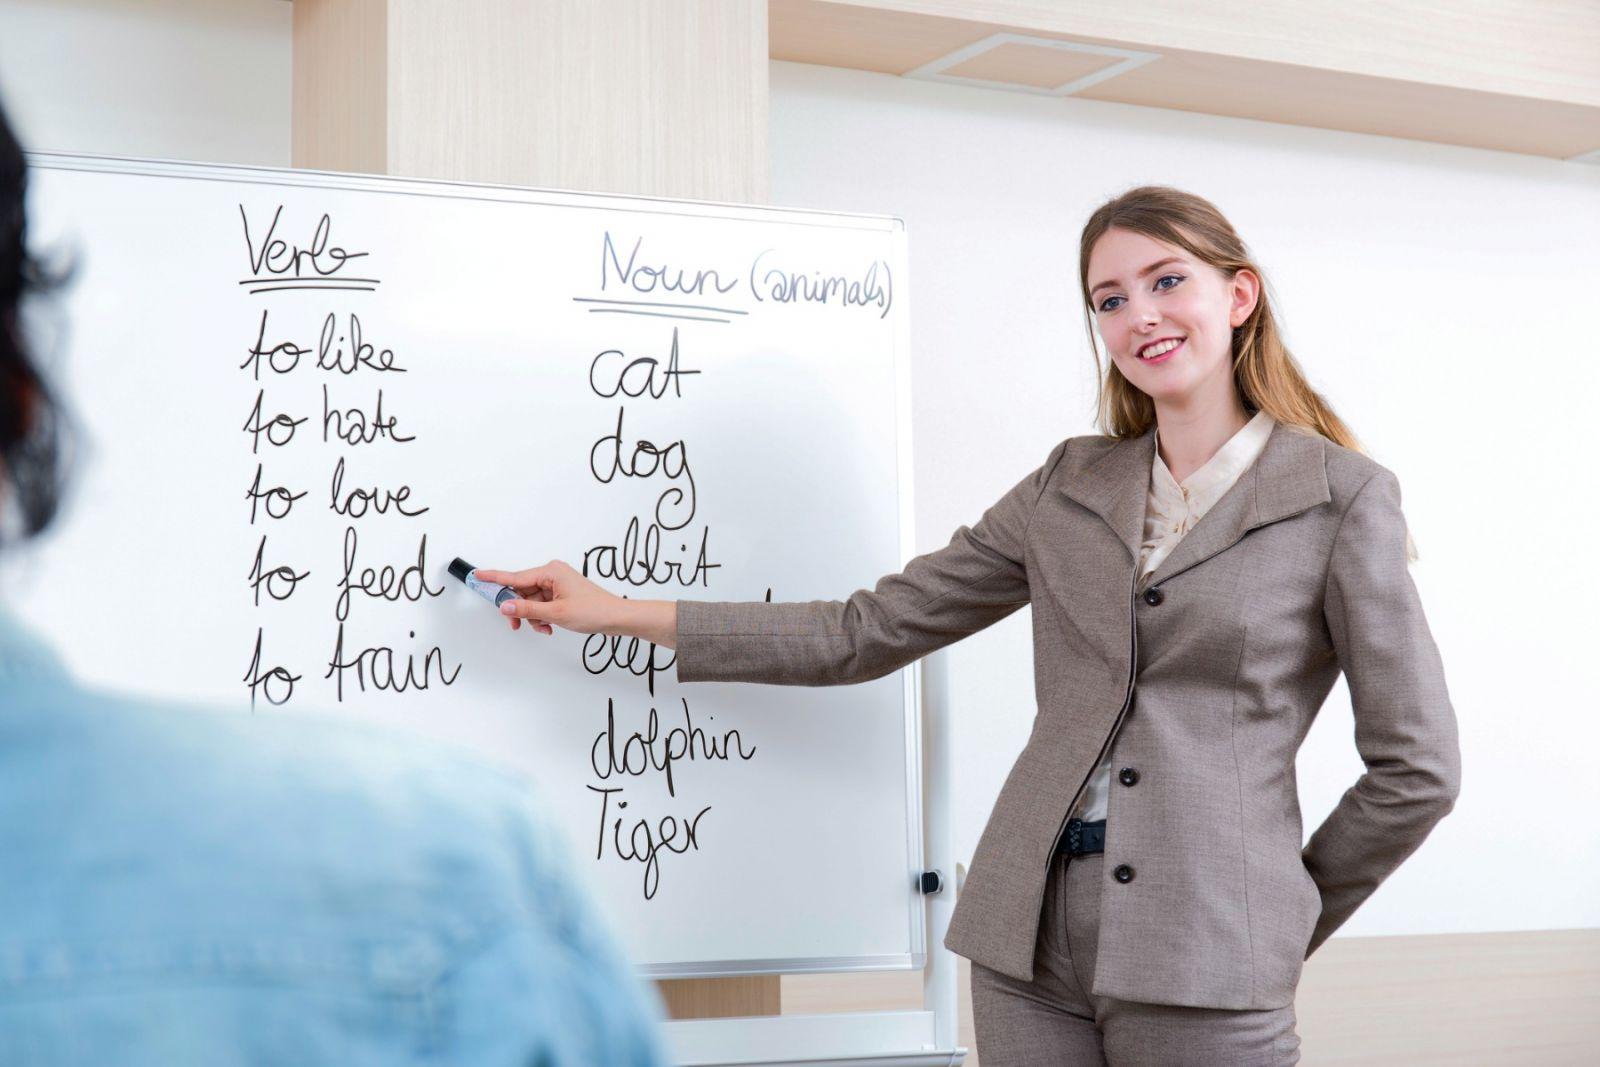 6 quy tắc ngữ pháp người bản xứ thường dùng sai